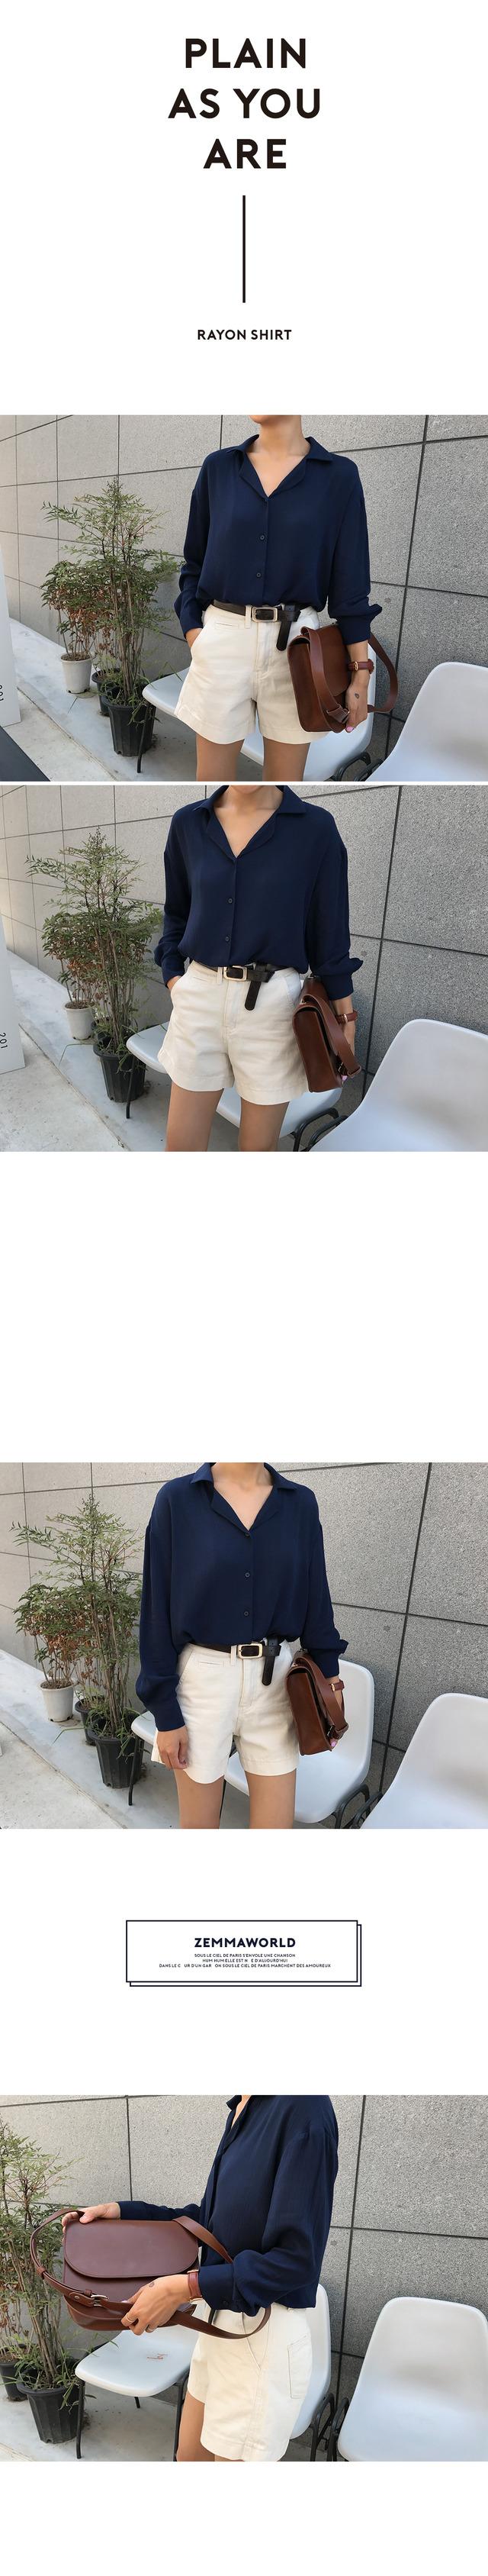 Sunbeam-셔츠